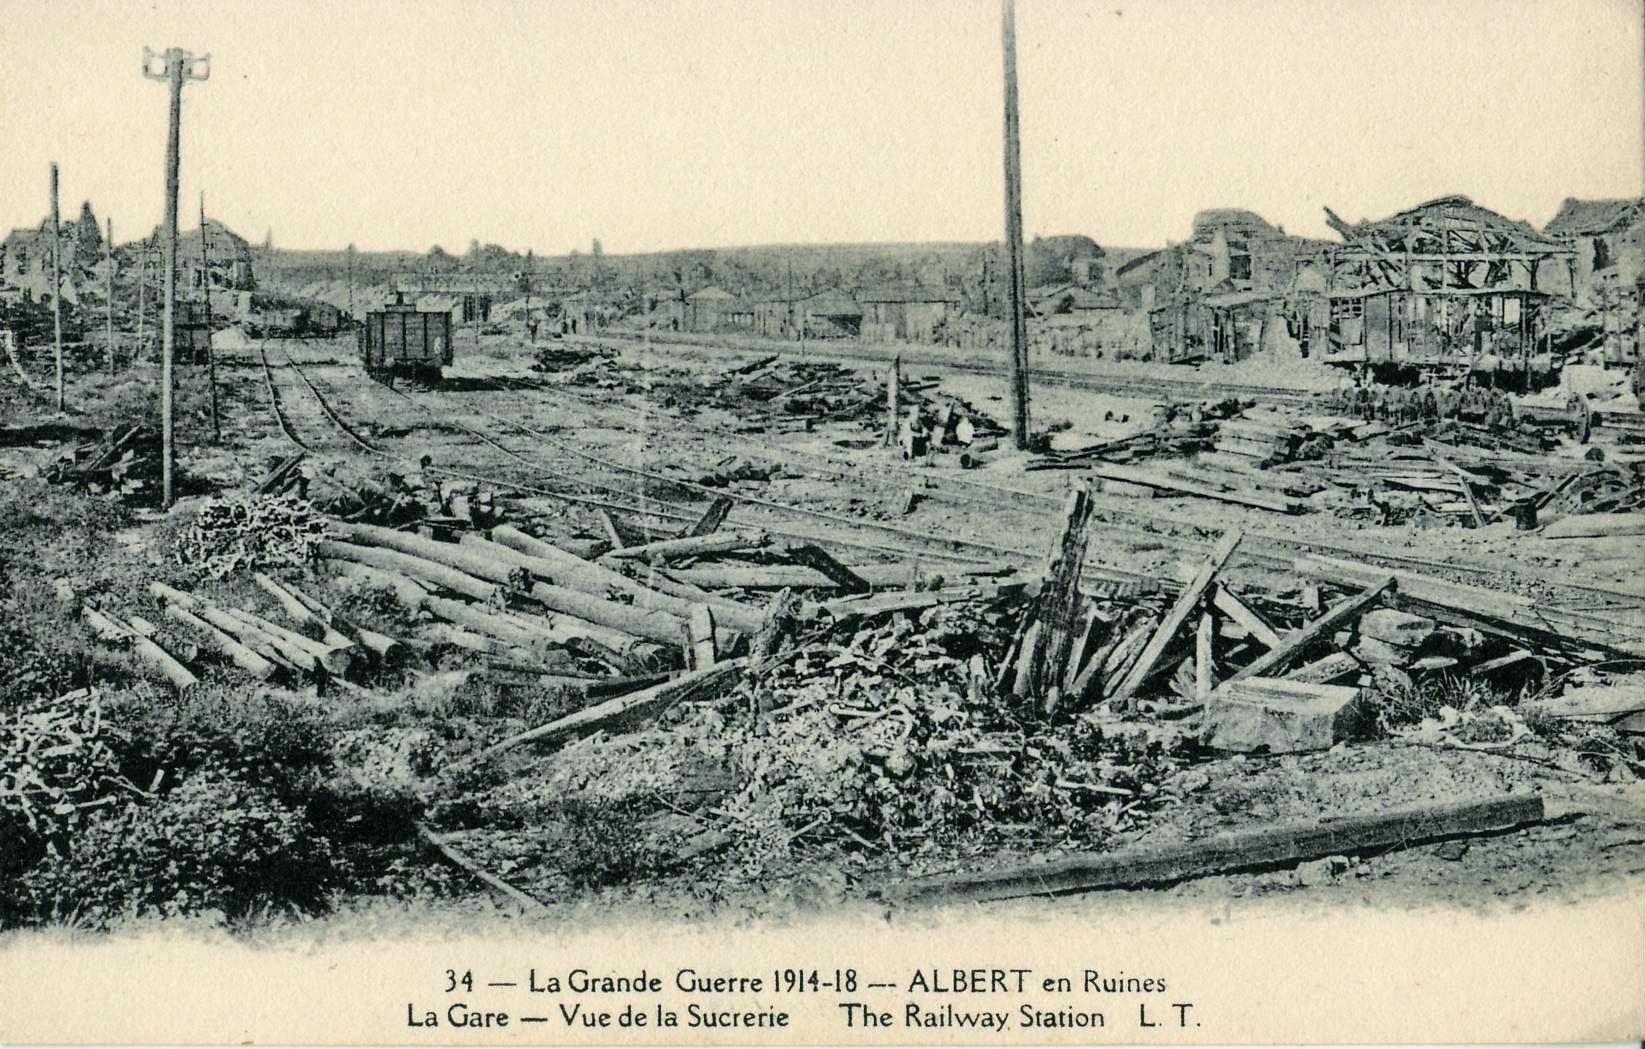 La grande guerre 1914-1918 - albert en ruines - la gare - vue de la